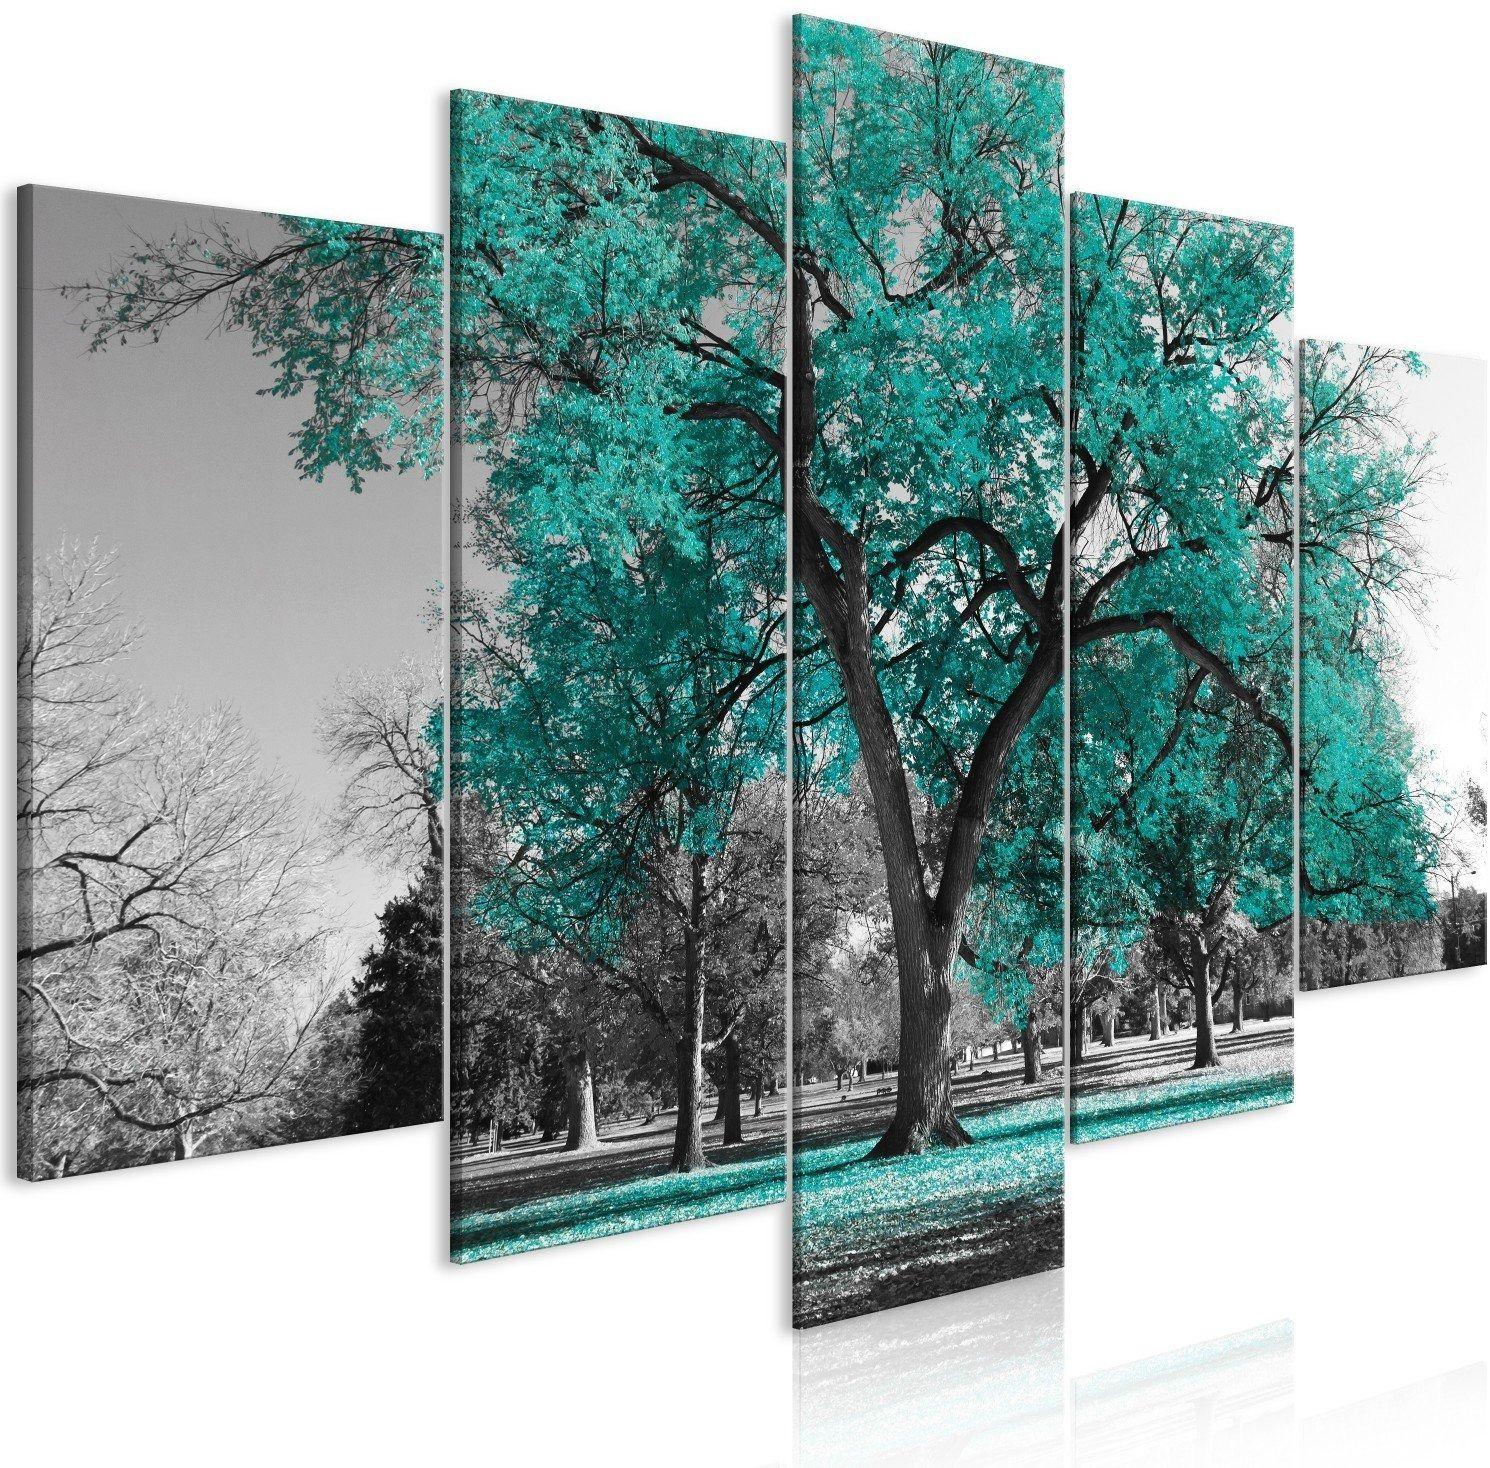 Obraz - jesień w parku (5-częściowy) szeroki turkusowy